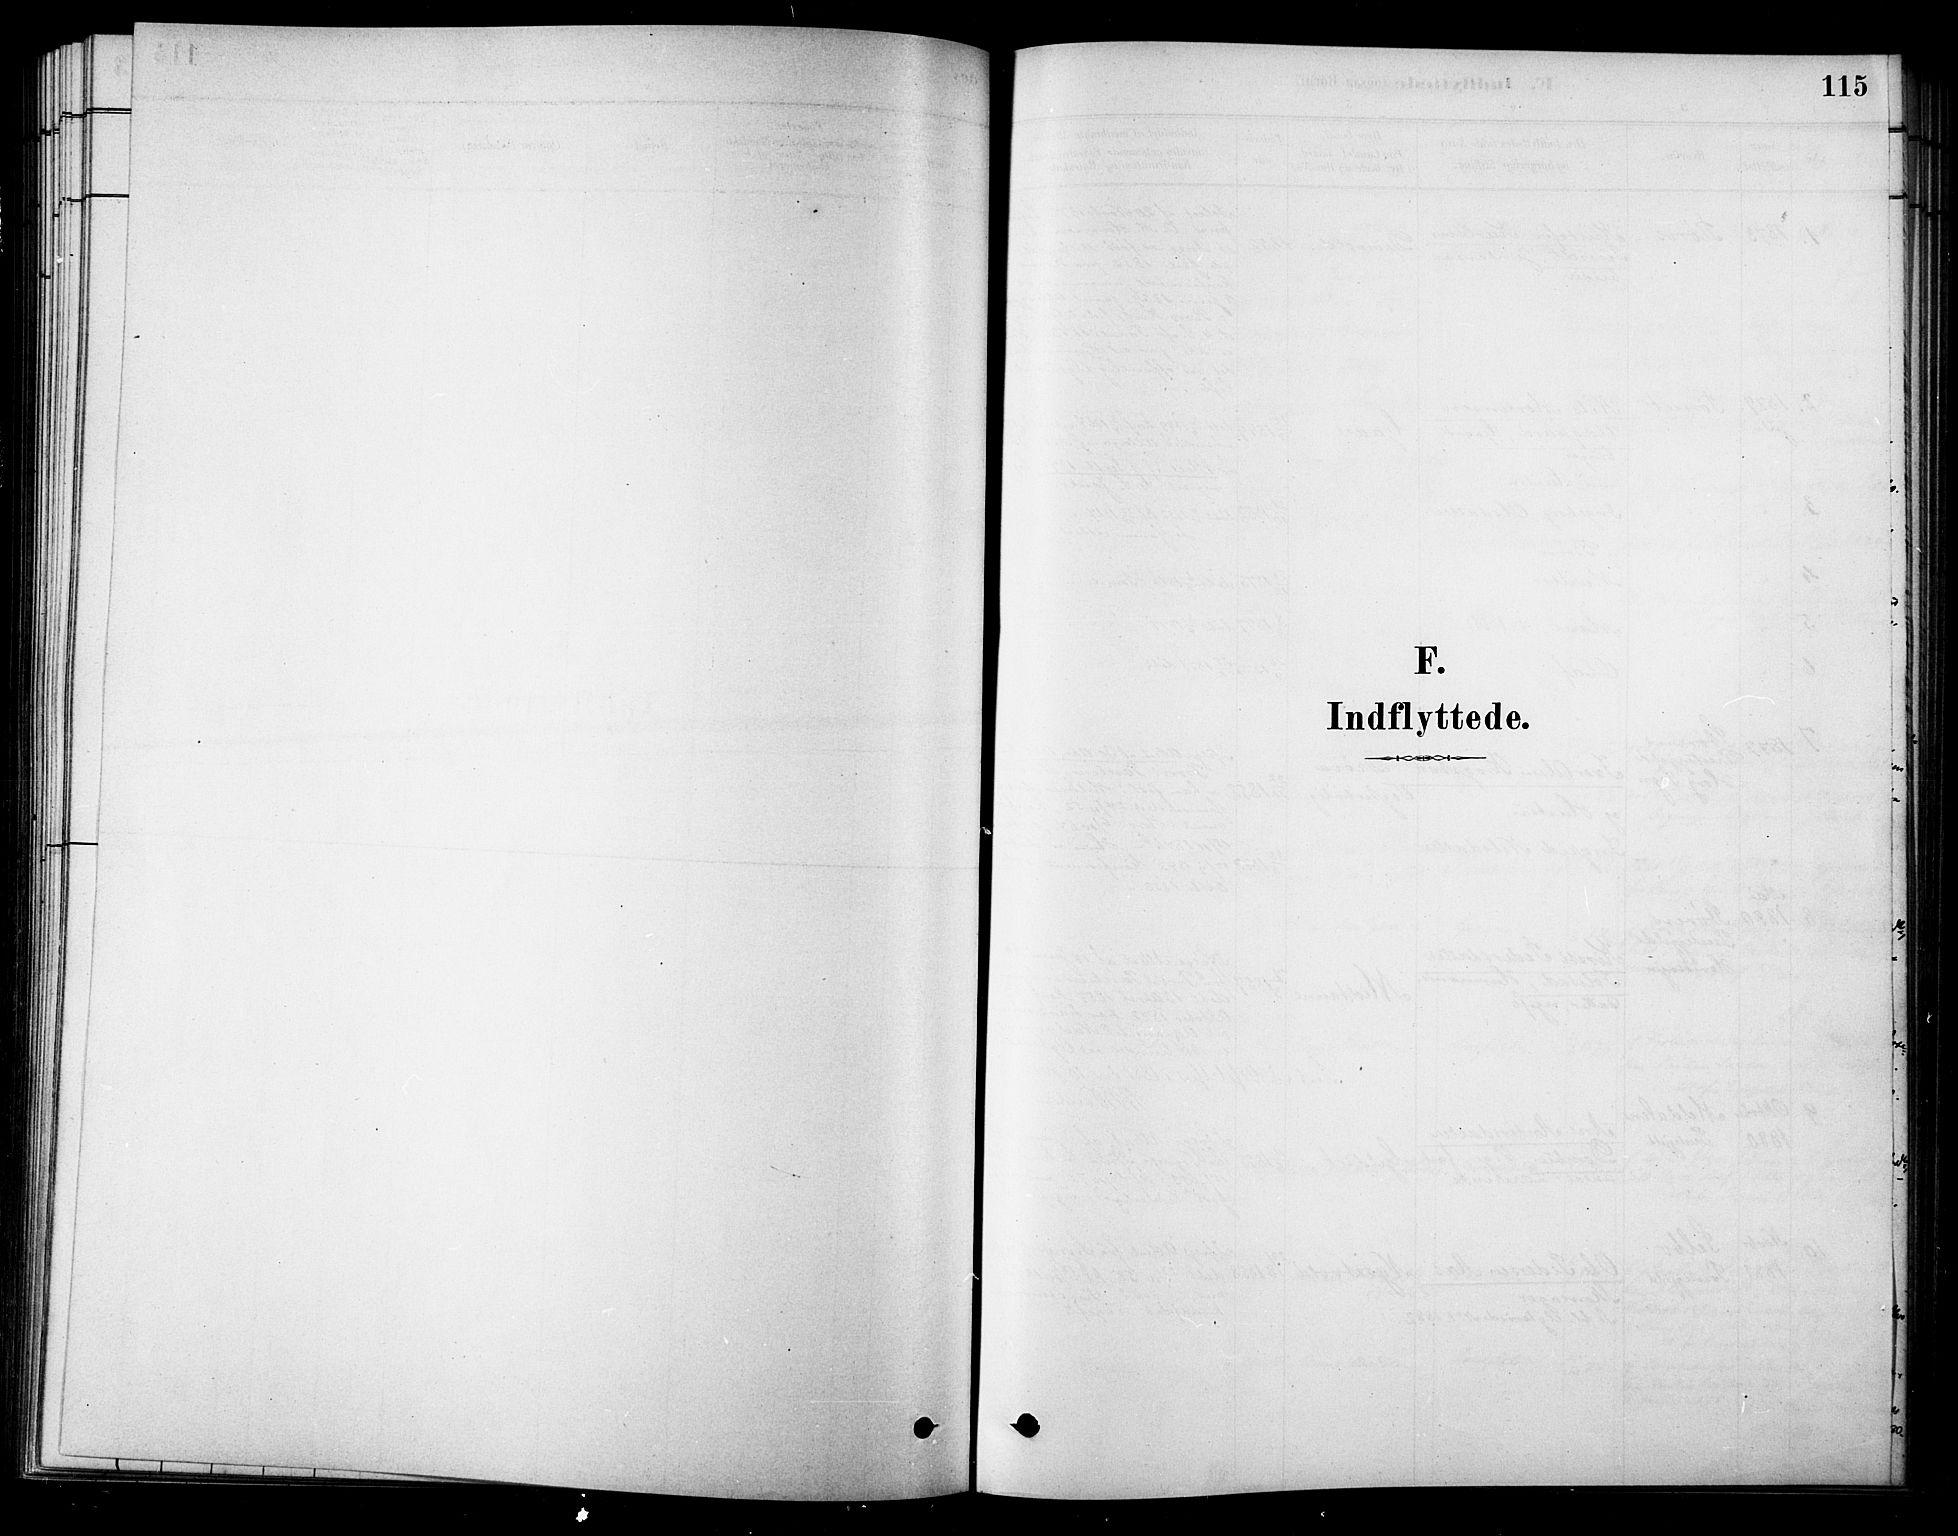 SAT, Ministerialprotokoller, klokkerbøker og fødselsregistre - Sør-Trøndelag, 685/L0972: Ministerialbok nr. 685A09, 1879-1890, s. 115